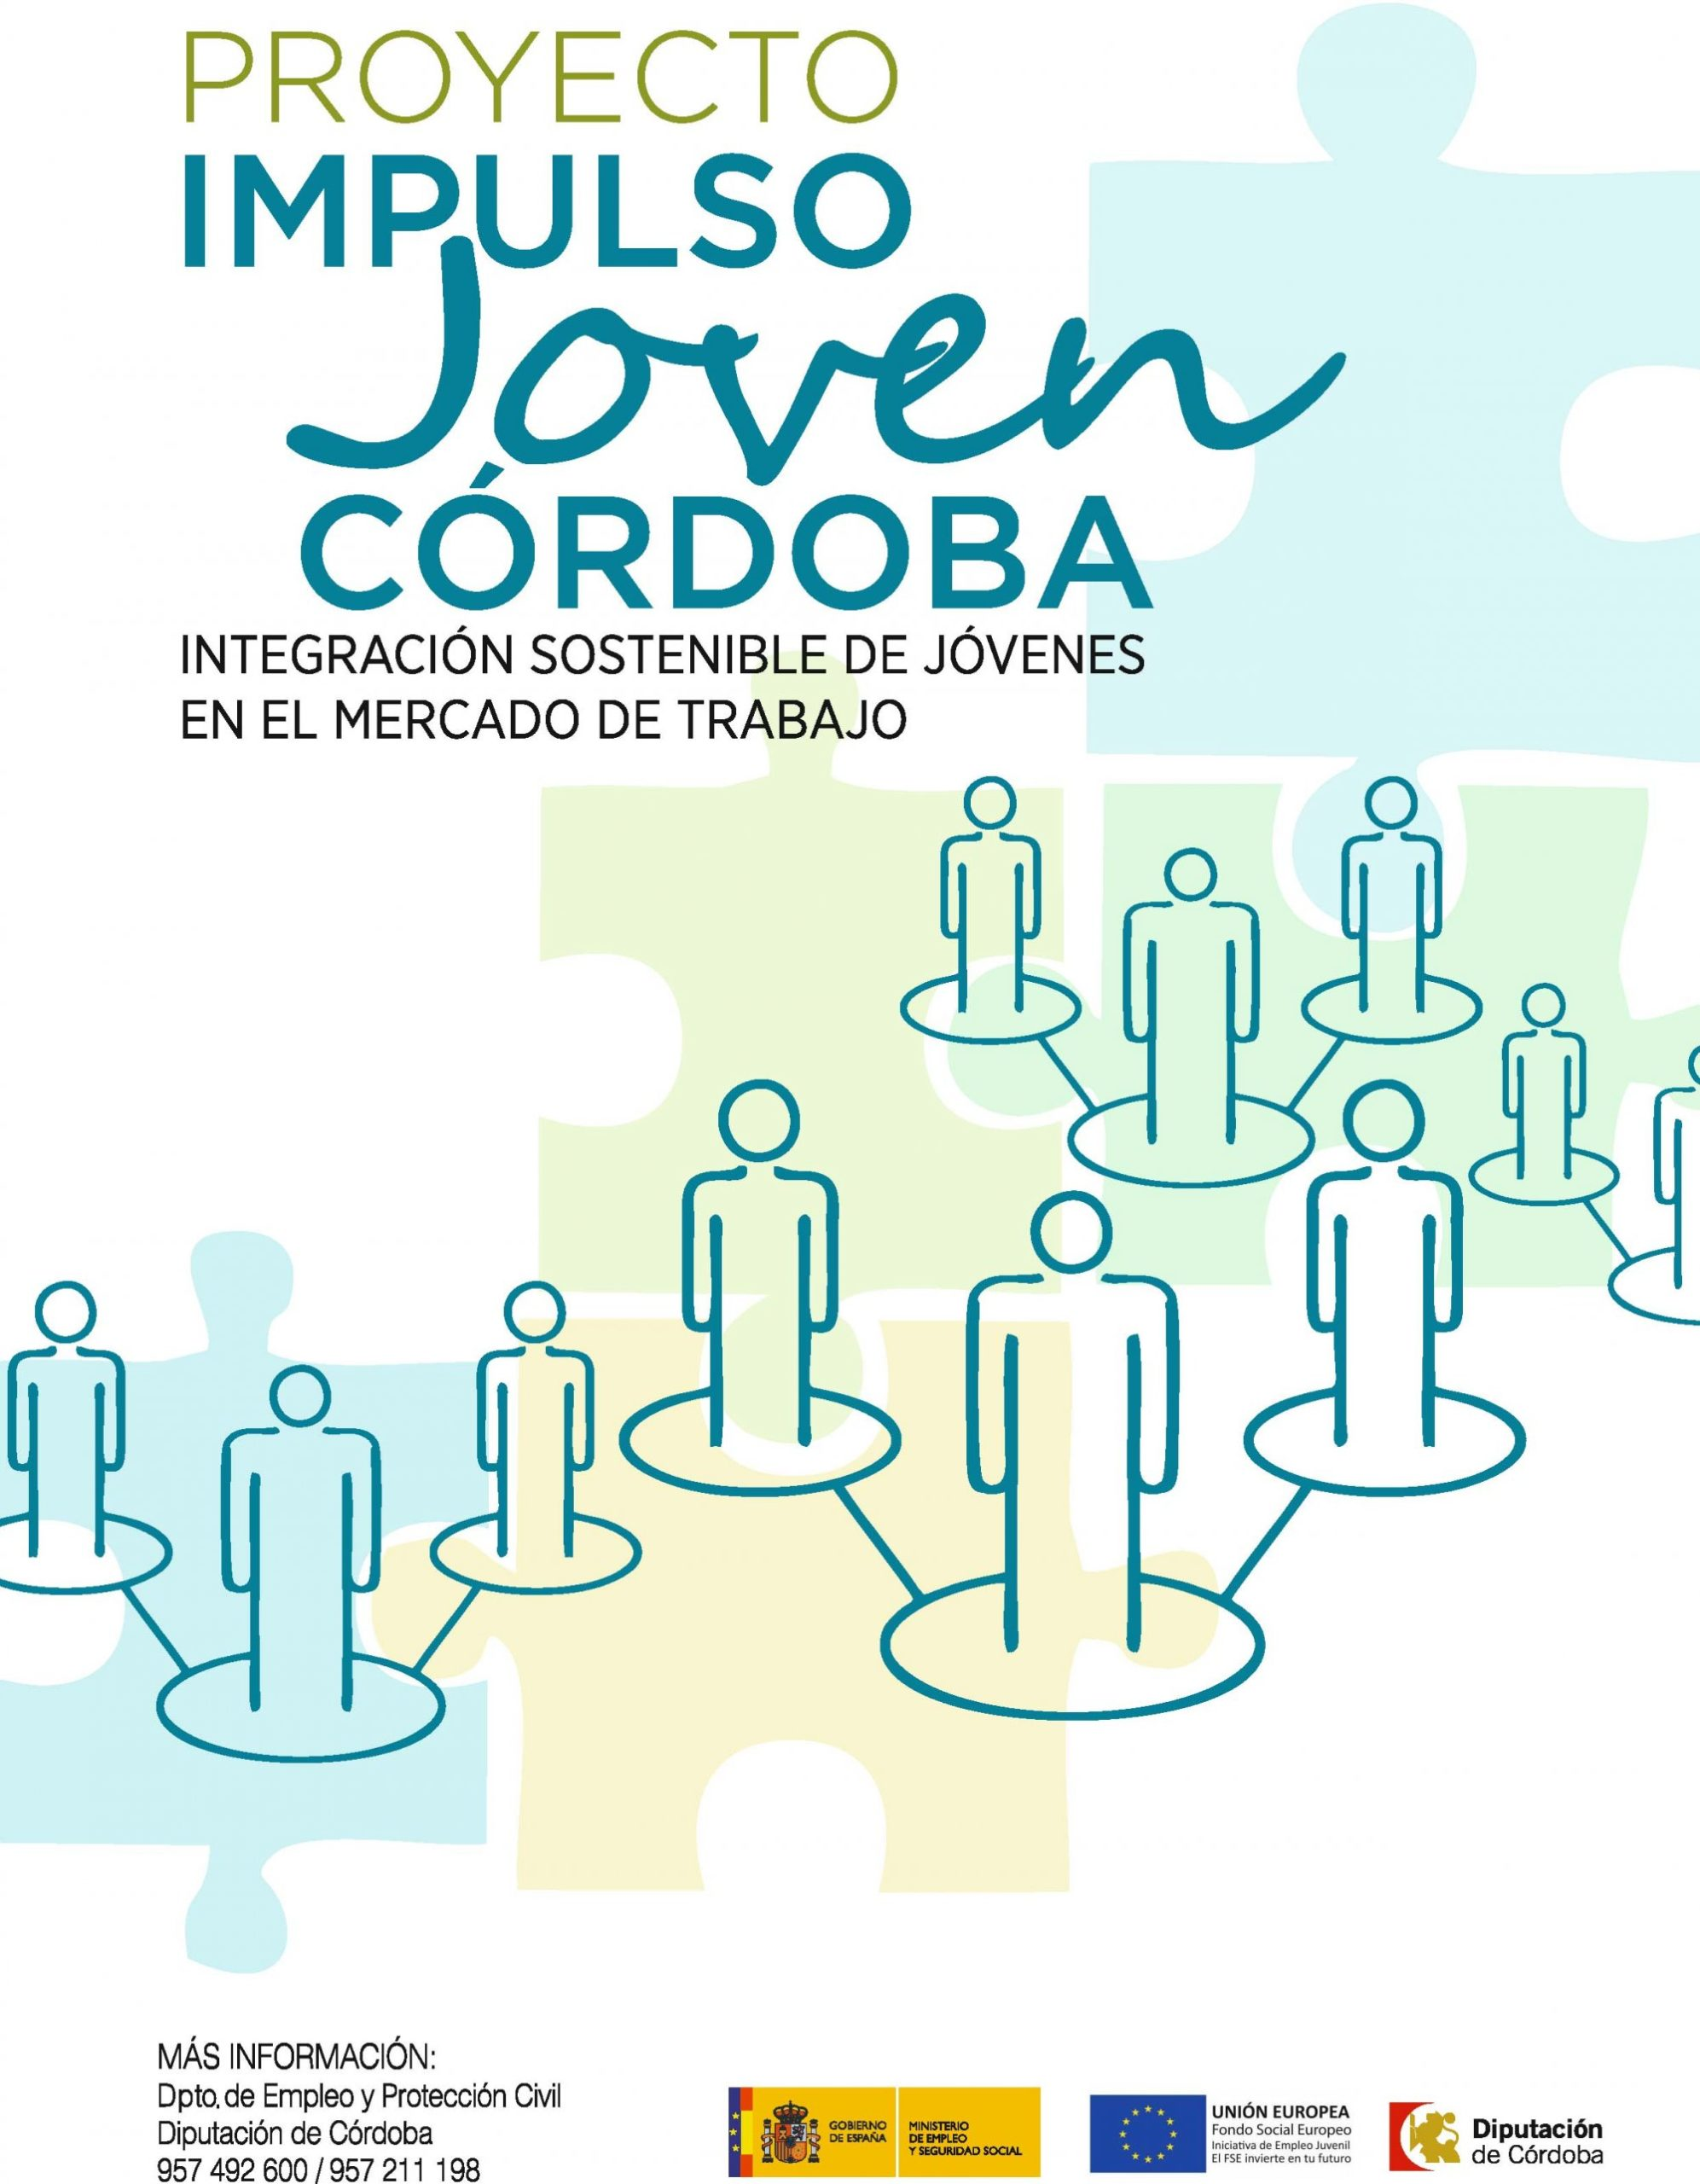 Proyecto impulso joven Córdoba, formación y orientación laboral 1